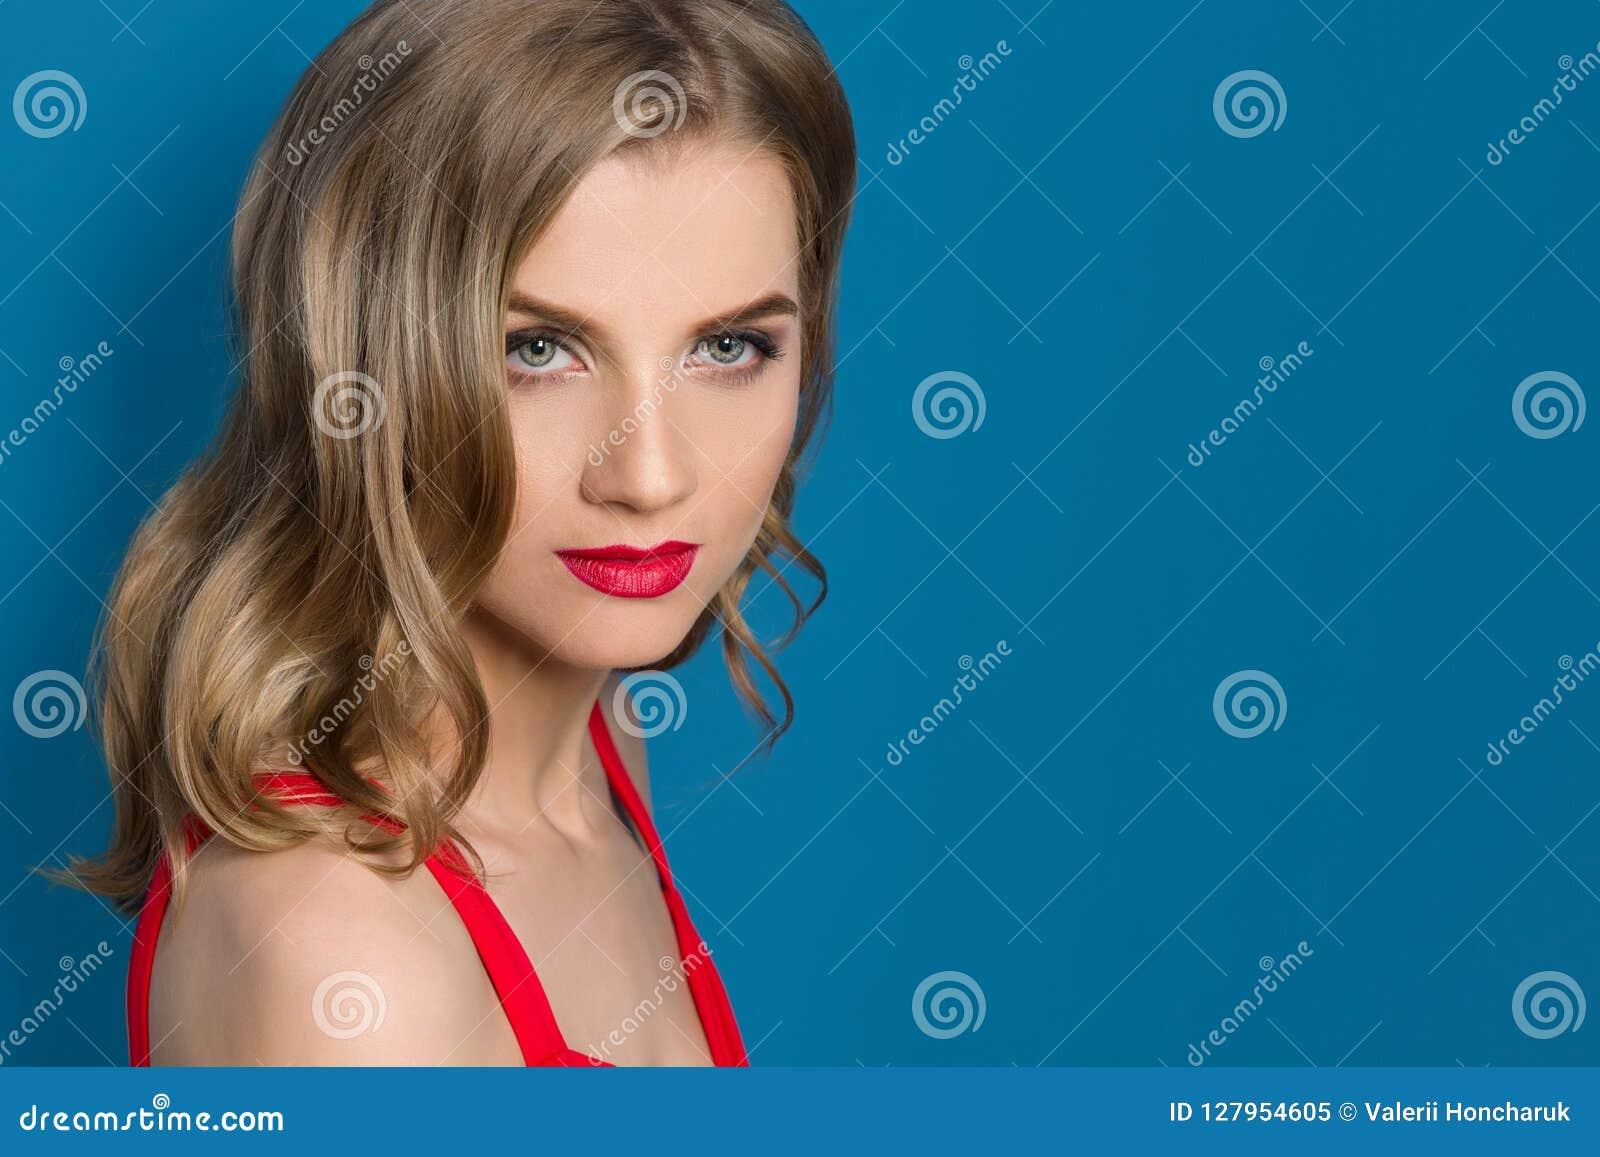 Het schoonheidsportret van jonge blondevrouw met heldere rode lippen, blauwe ogen, in rode kleding op blauwe achtergrond, kopieer